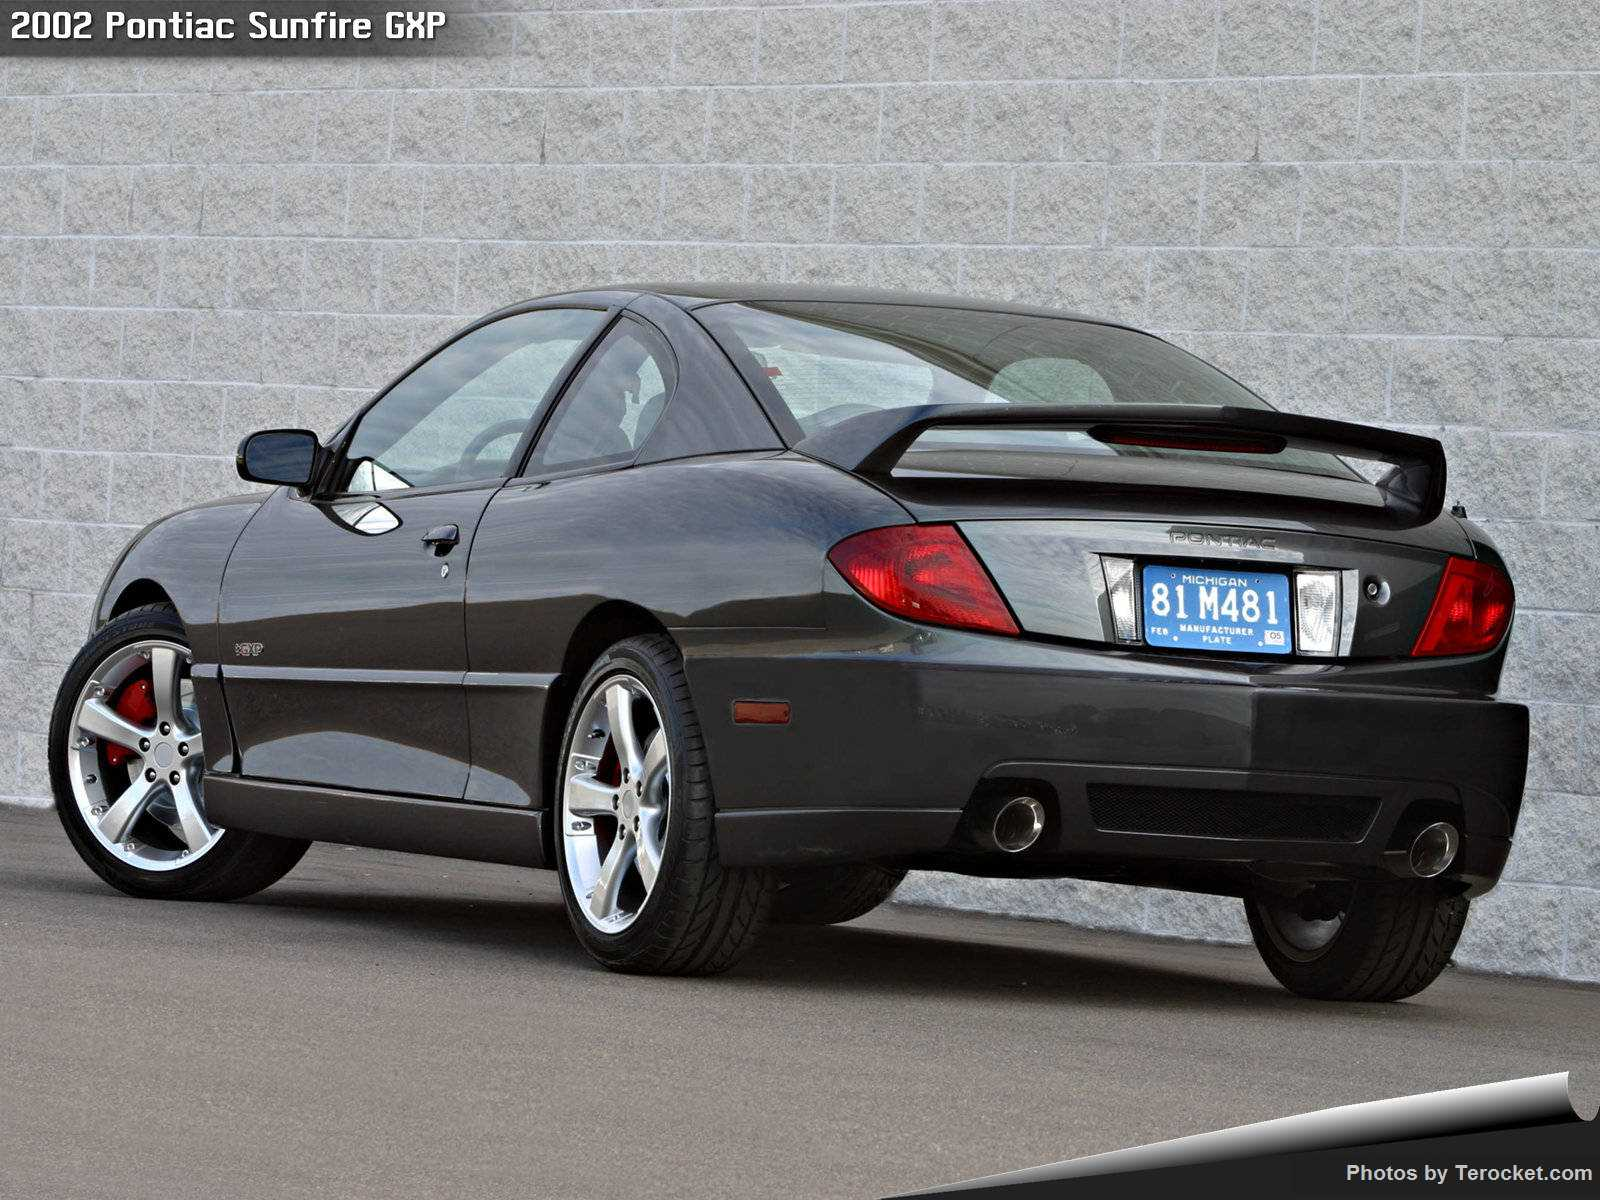 Hình ảnh xe ô tô Pontiac Sunfire GXP 2002 & nội ngoại thất